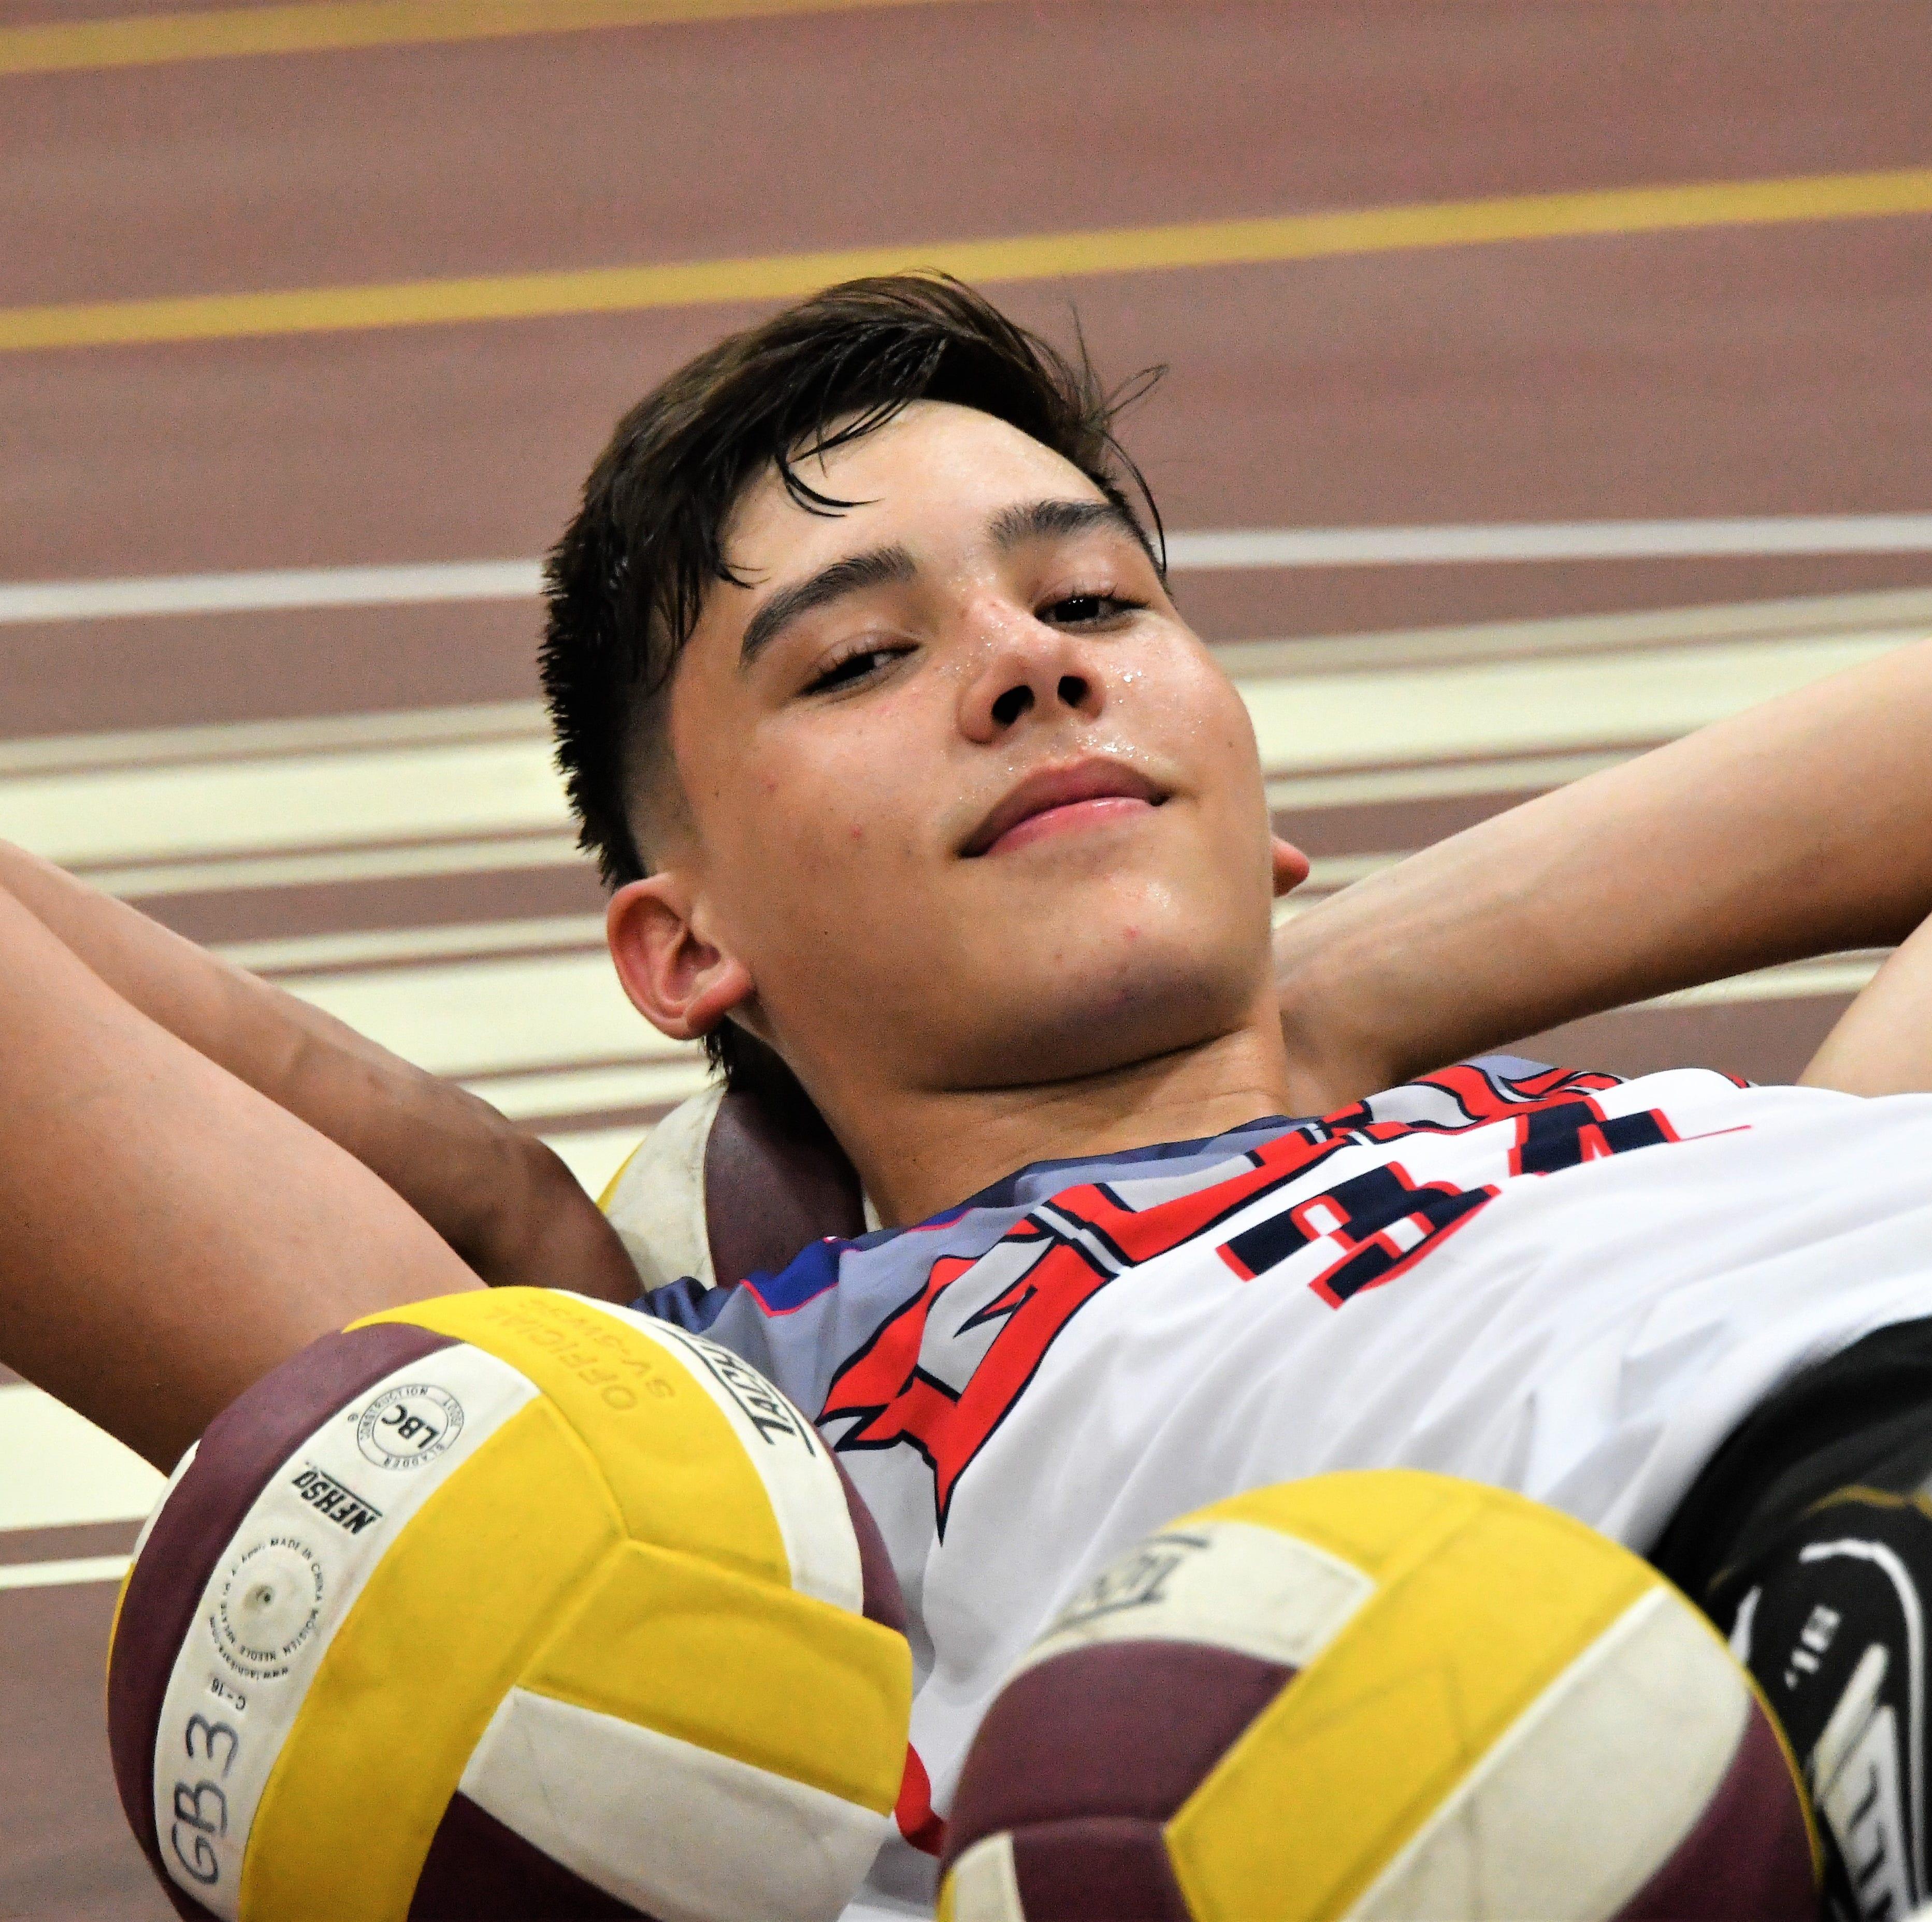 Q & A: Get to know Guam's tallest high school athlete, Matthew Fegurgur